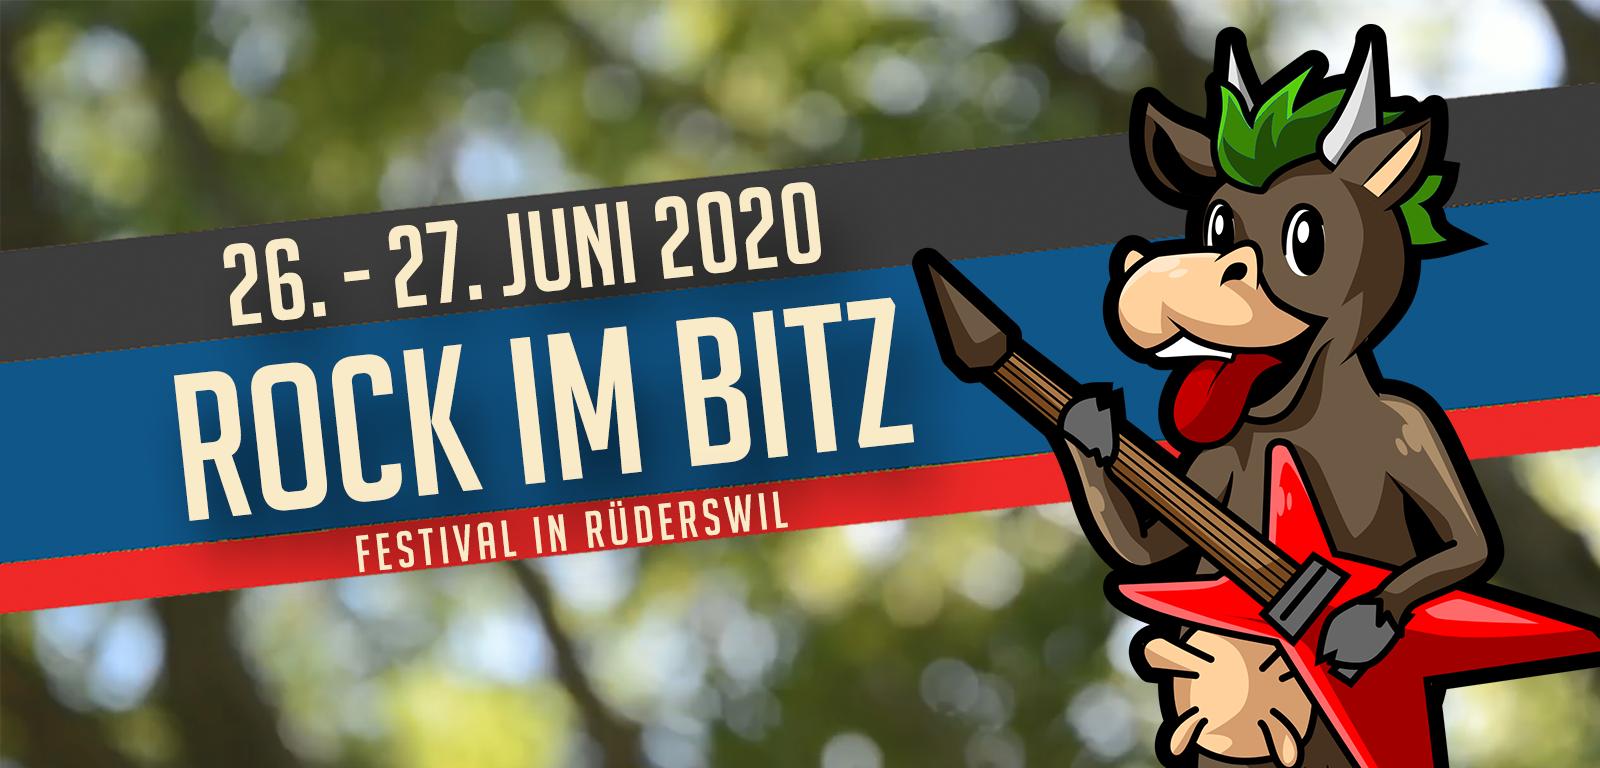 Rock im BItz Header 2020